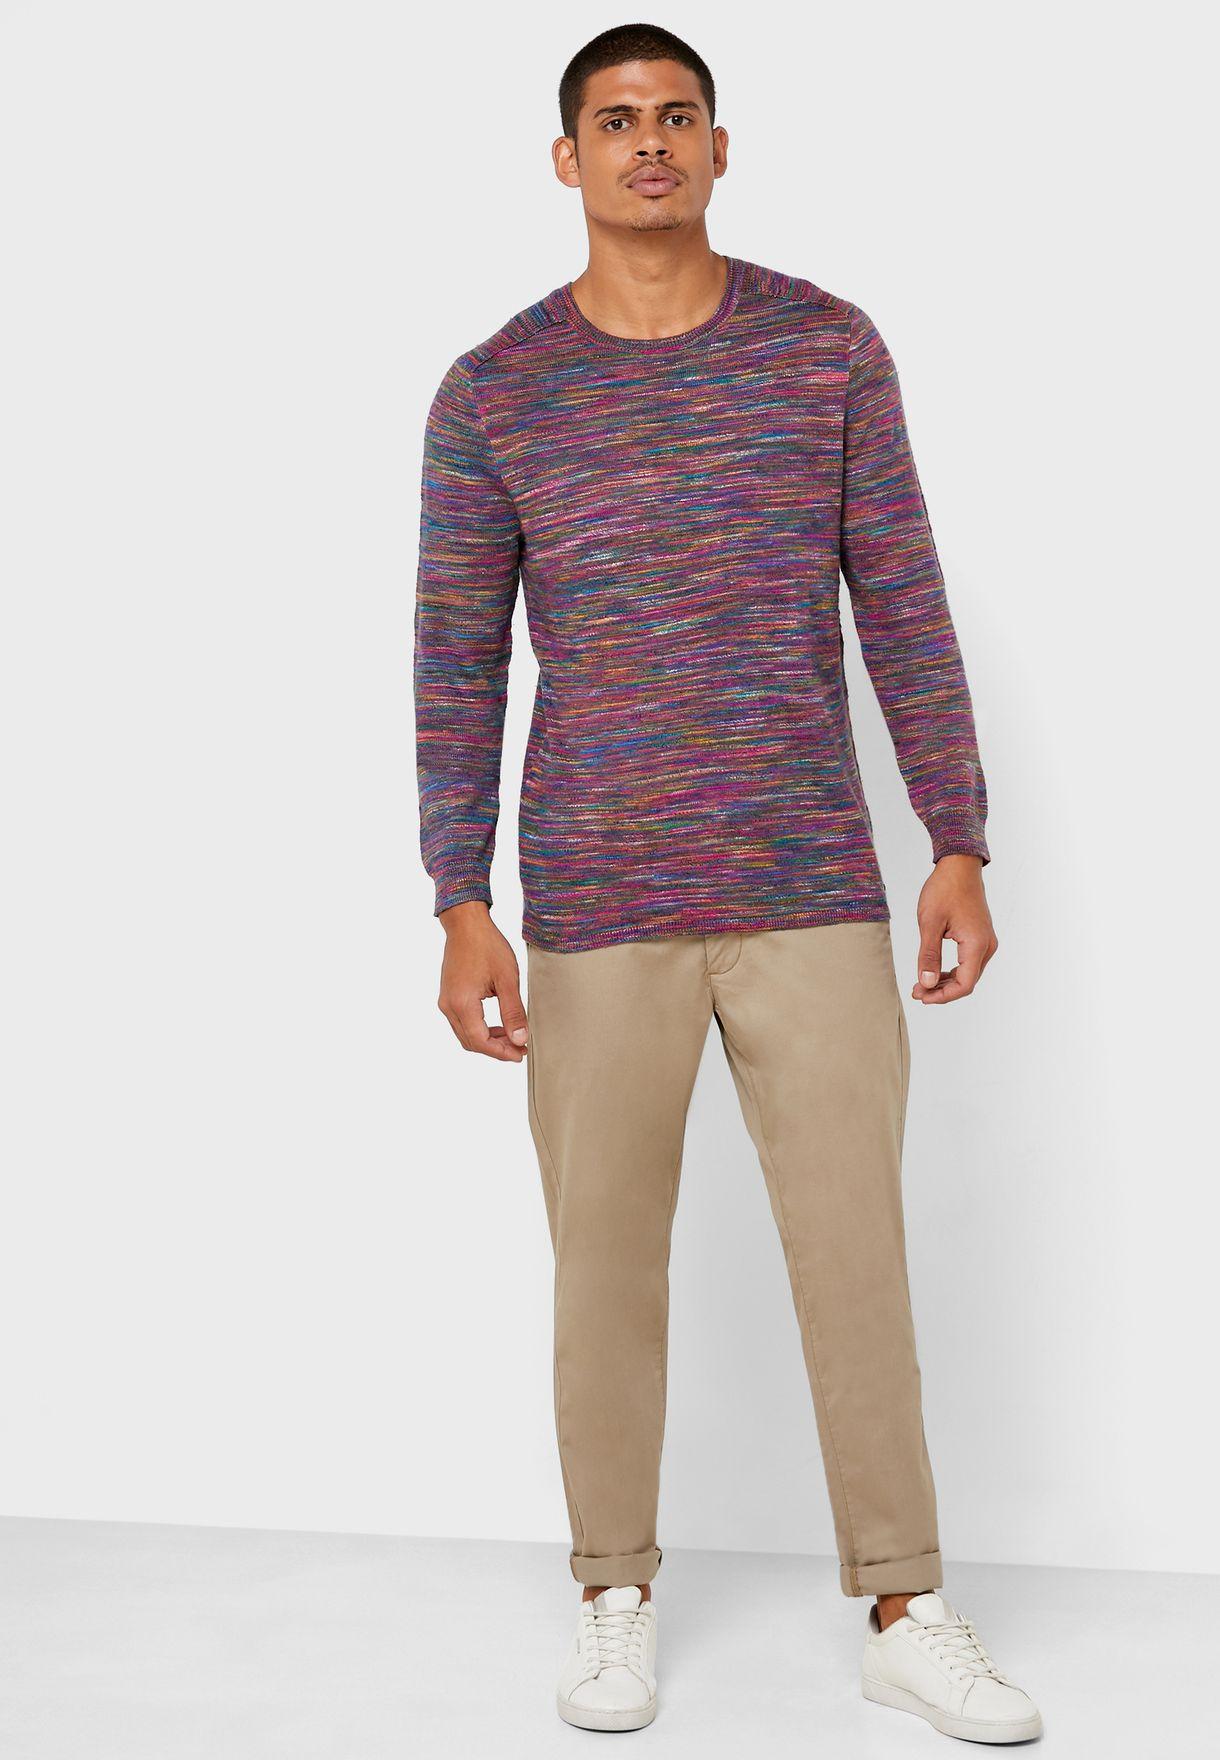 Zac Space Dye Crew Neck T-Shirt